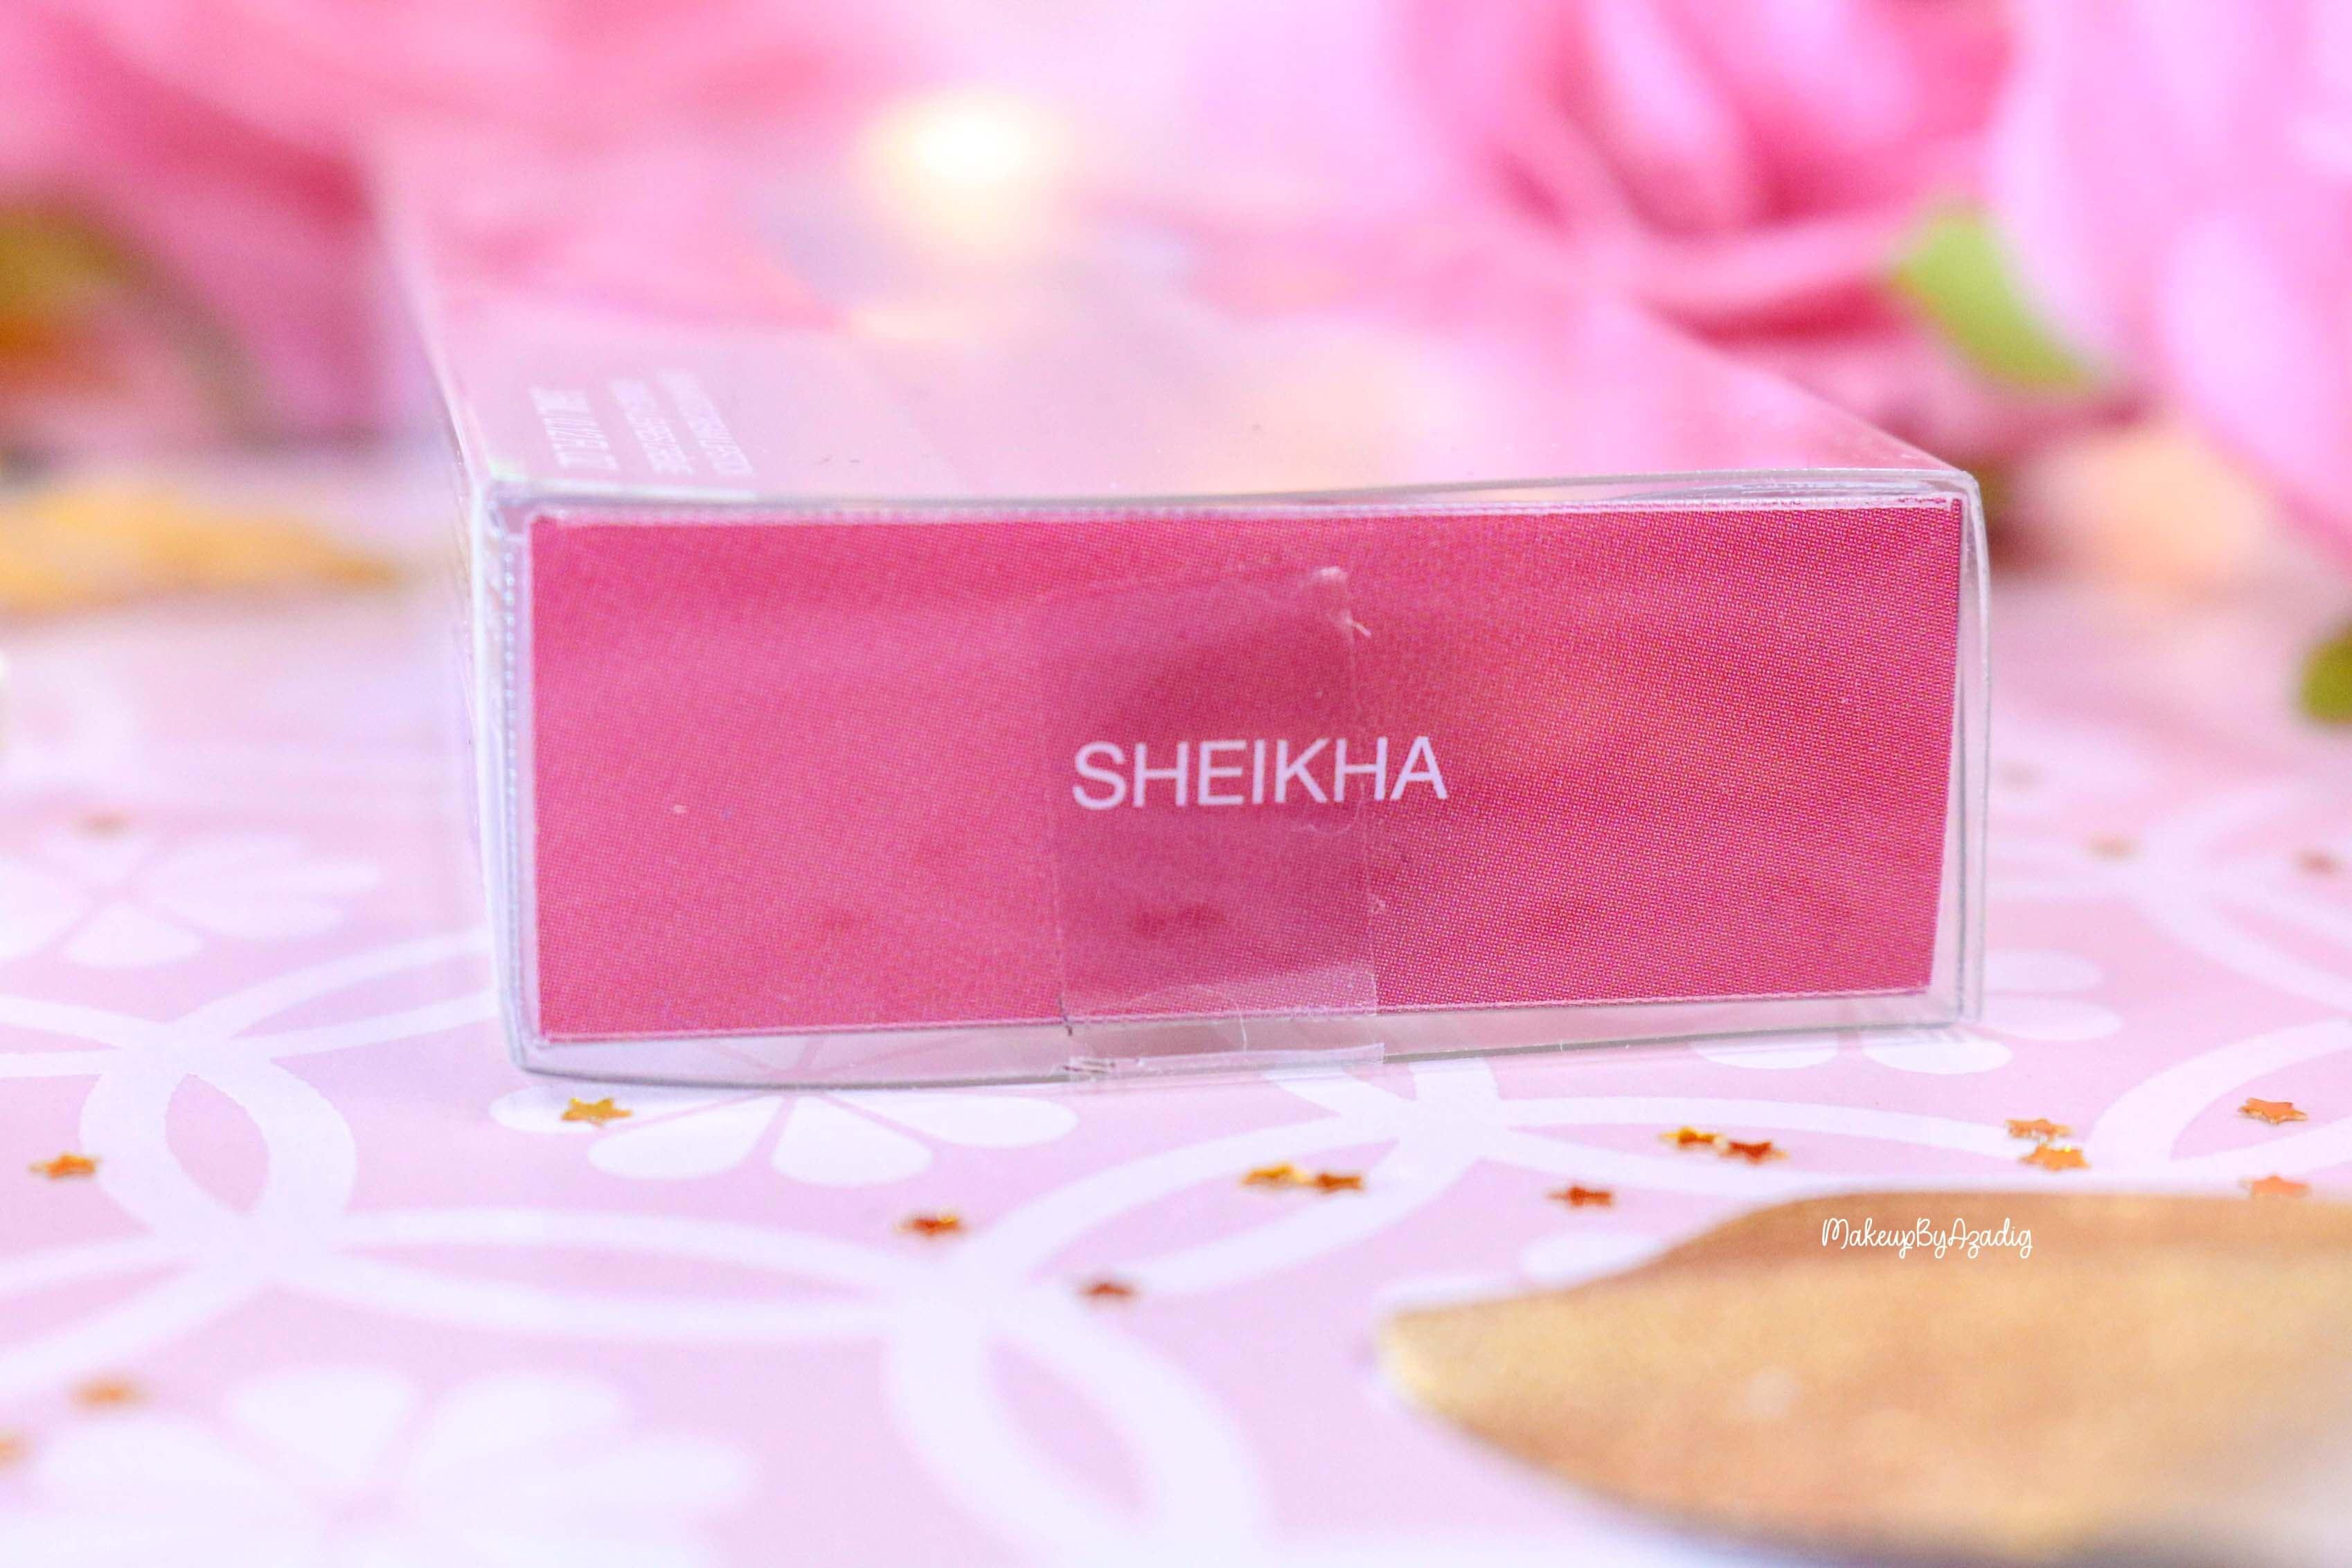 revue-marque-huda-beauty-rouge-a-levres-demi-matte-coffret-avis-prix-sheikha-makeupbyazadig-teinte-2